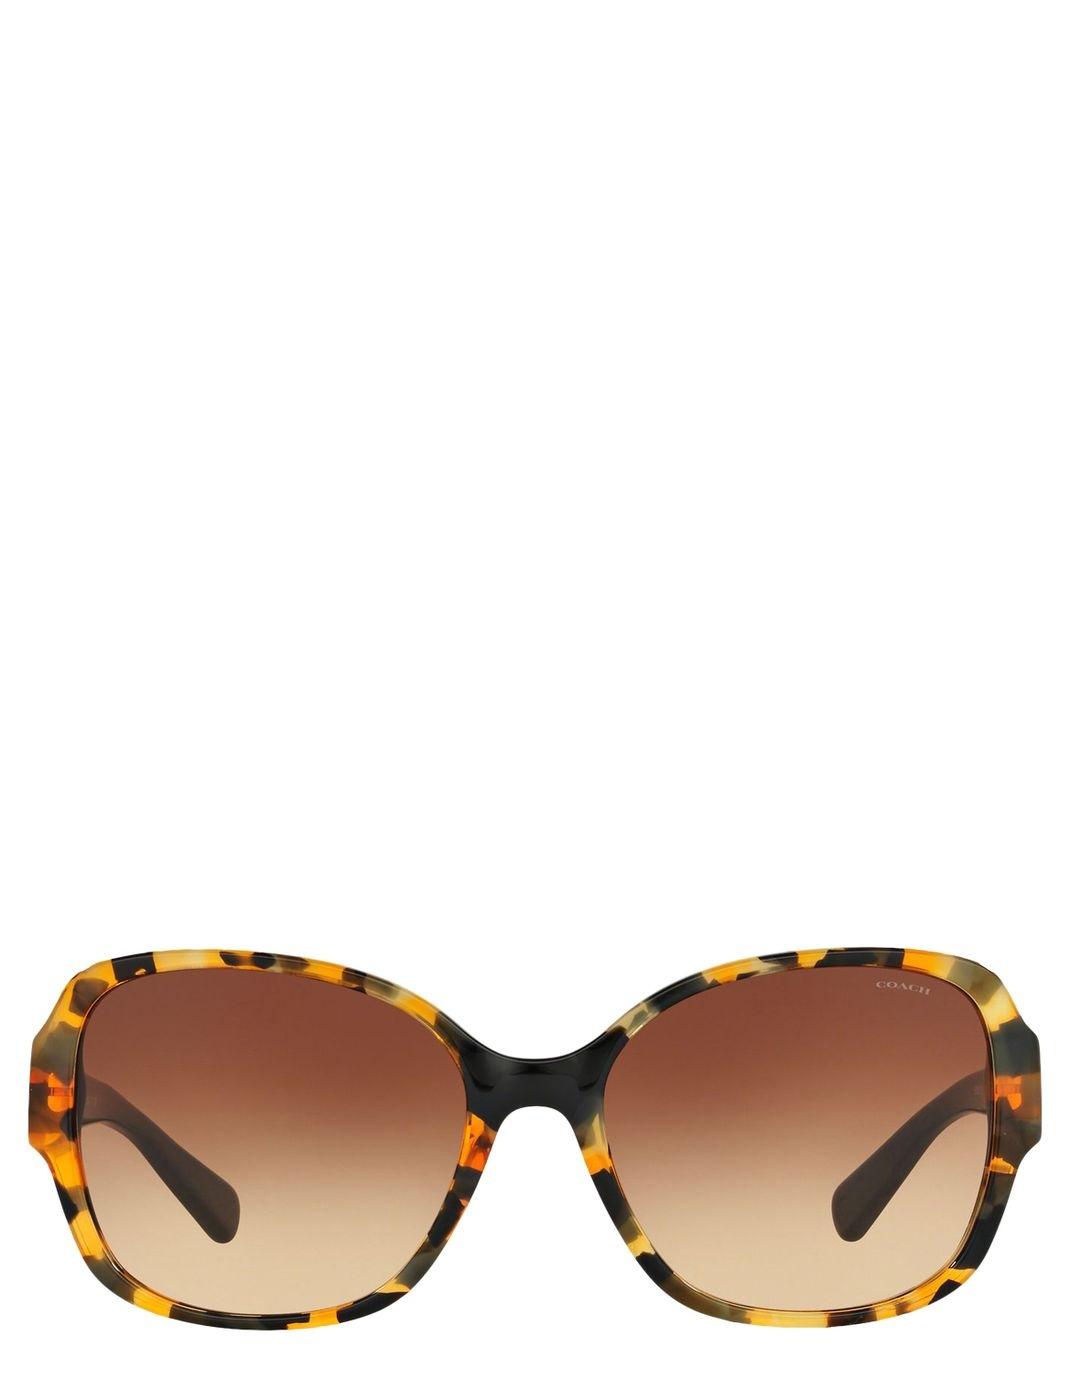 ea14de0d0463 ... 50% off coach hc8166 core sunglasses myer online 3ce49 32167